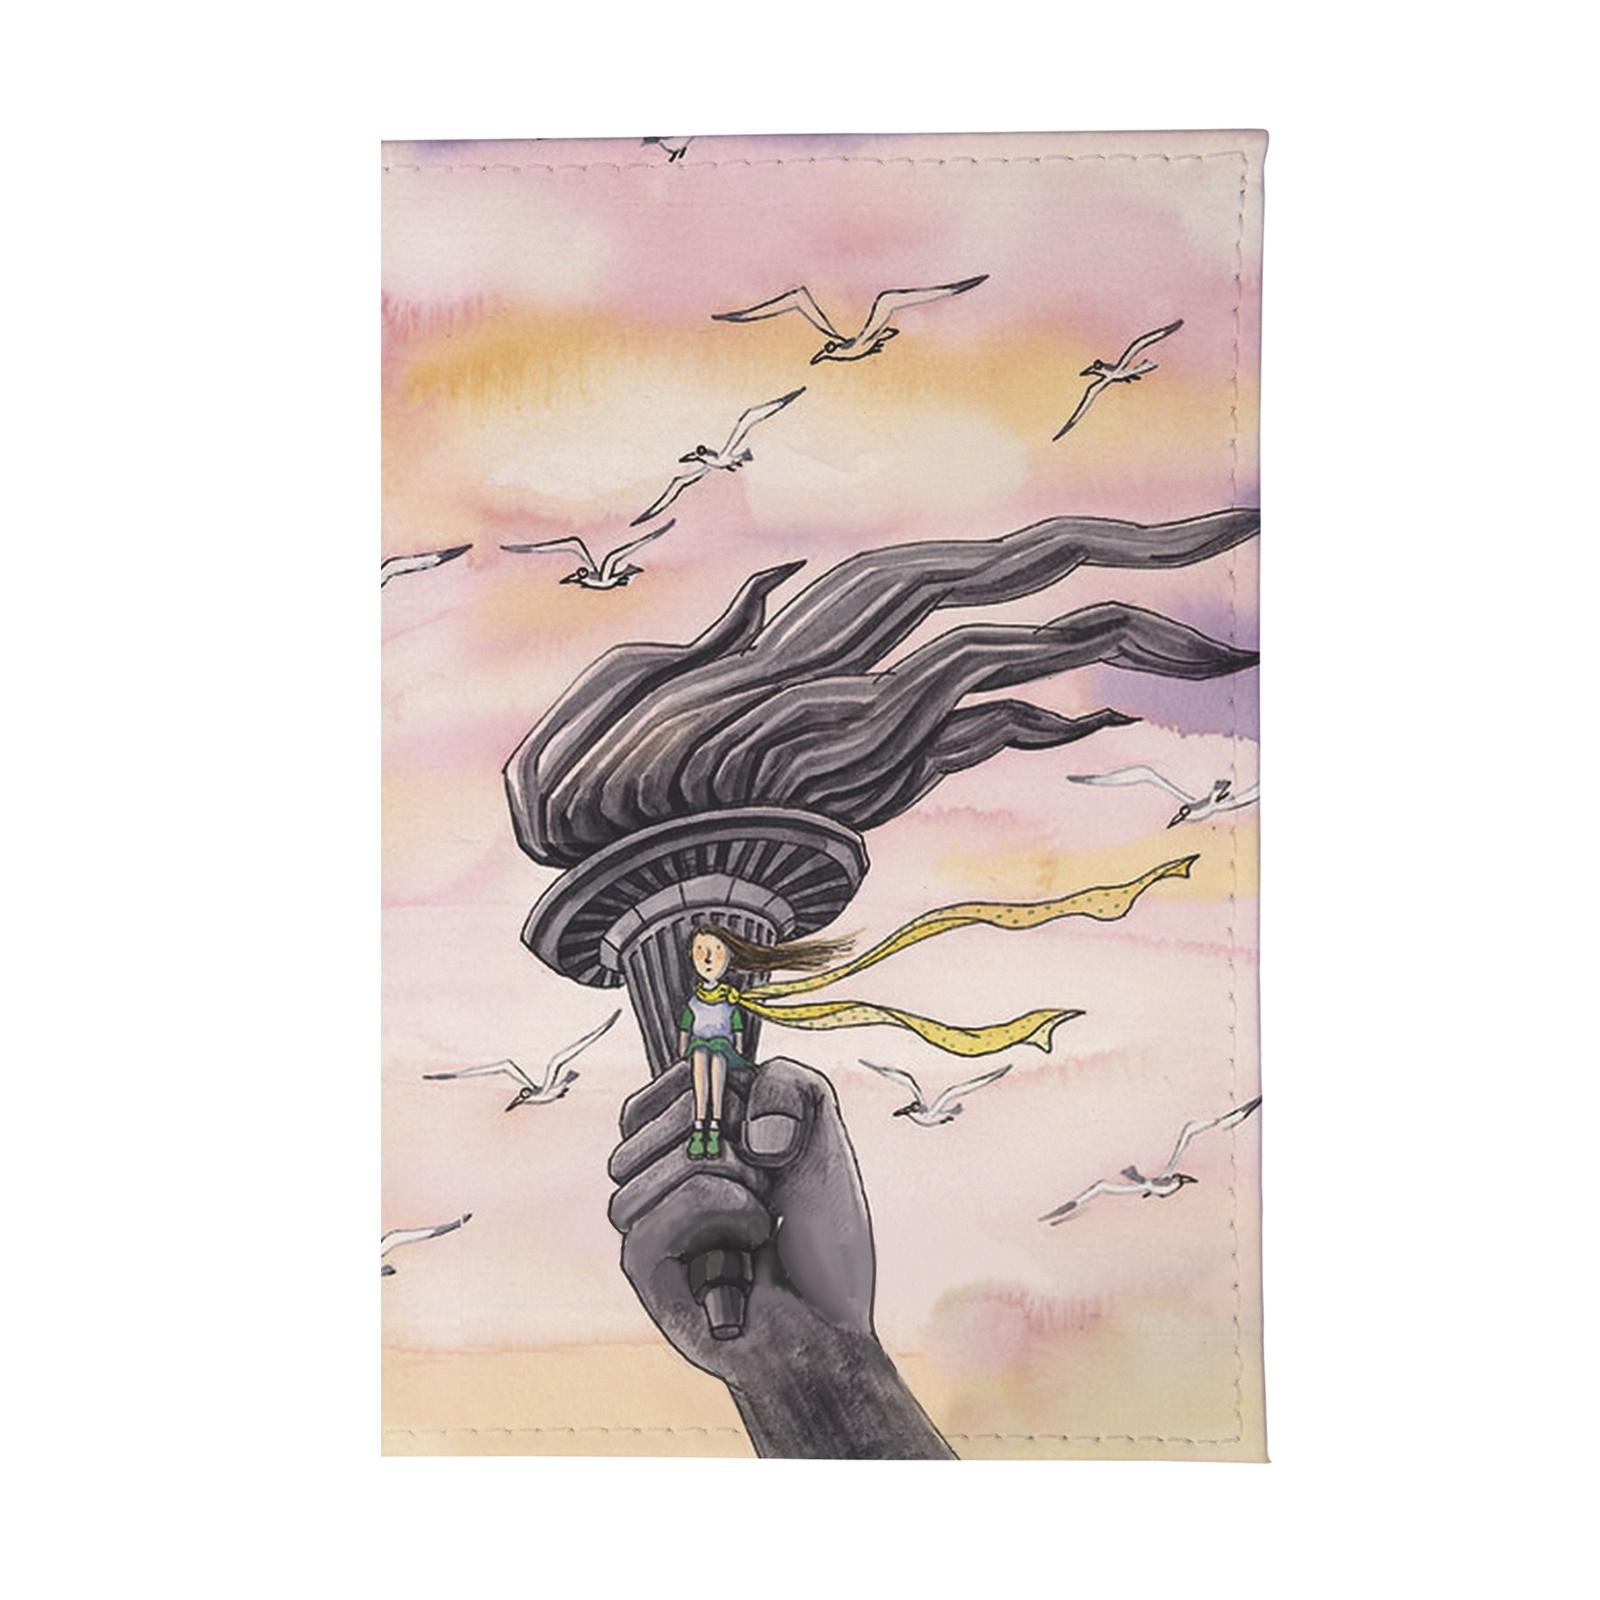 Обложка для паспорта Mitya Veselkov OZAM, розовый обложка для паспорта кожаная mitya veselkov признание в любви